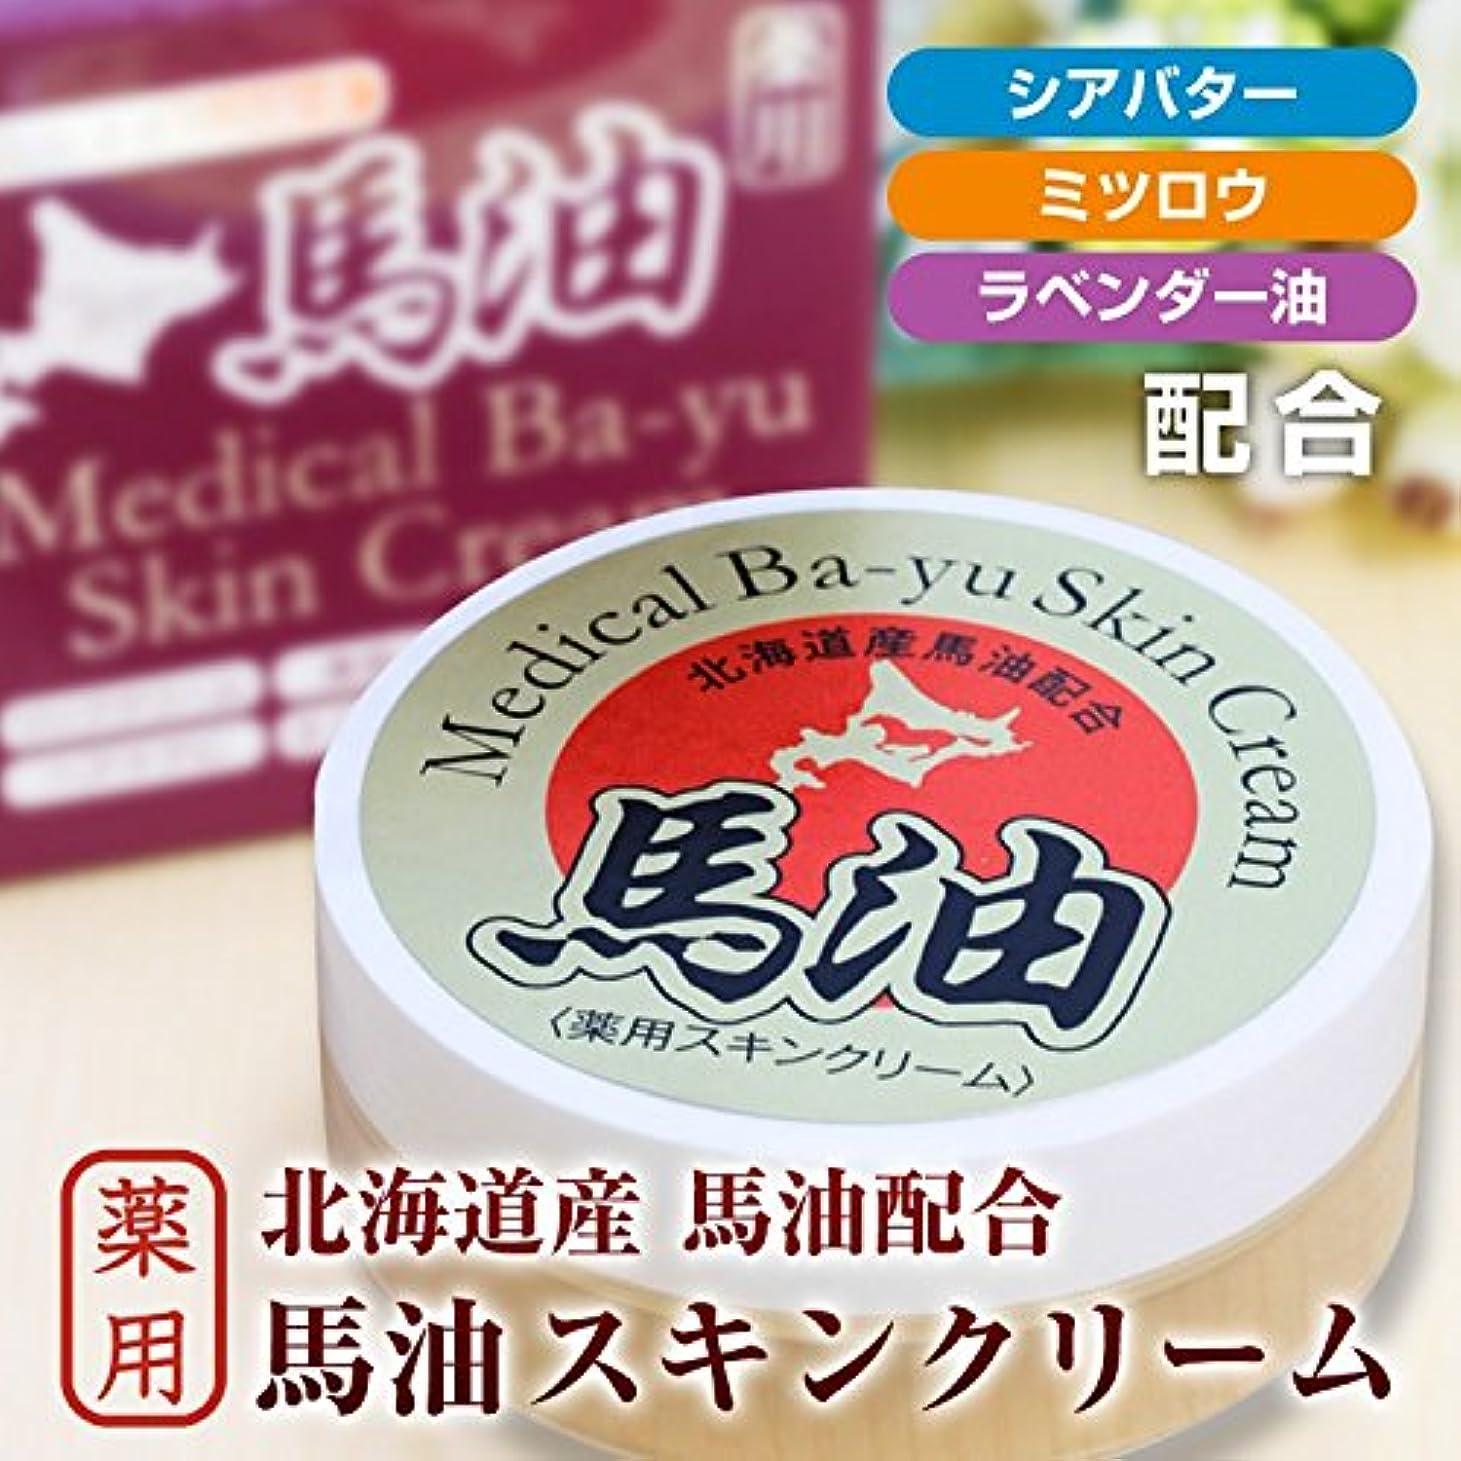 失うアレルギー性規制北海道産馬油配合 薬用馬油スキンクリーム(20g)/医薬部外品 国産馬油//